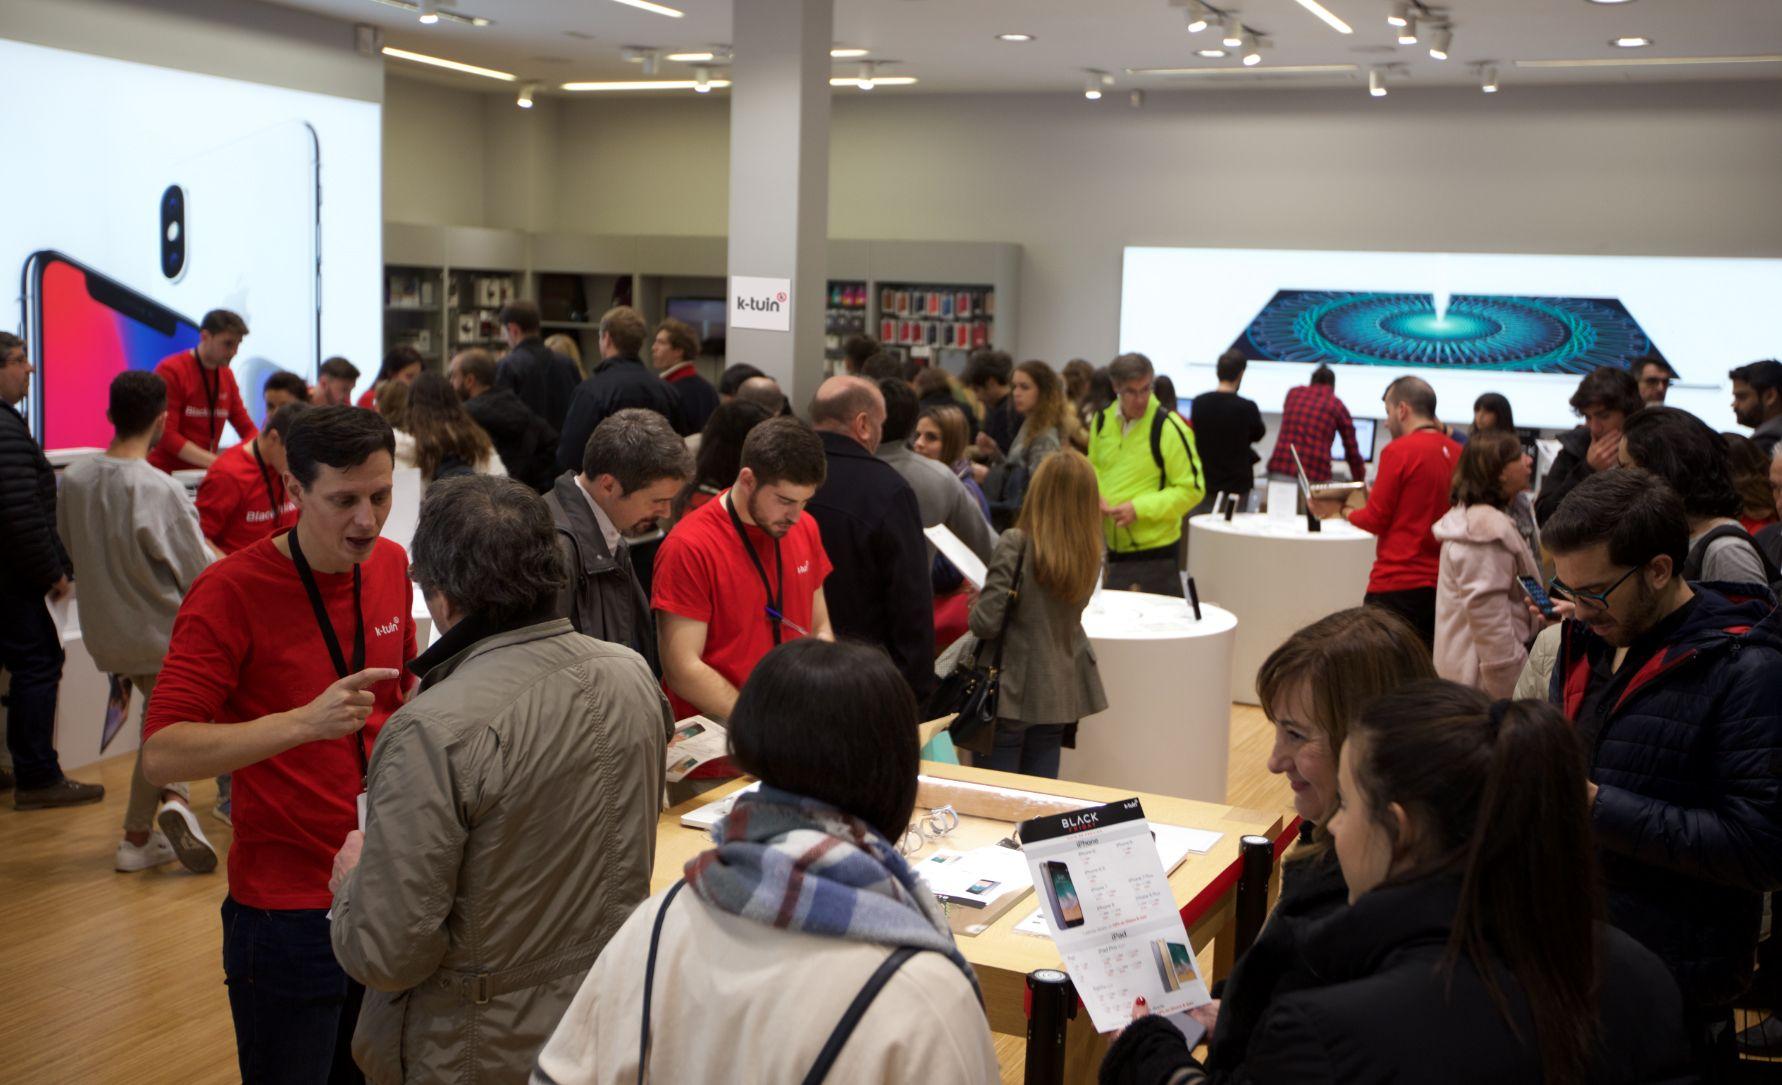 Black Friday: los fans de Apple vuelven a confiar en K-tuin